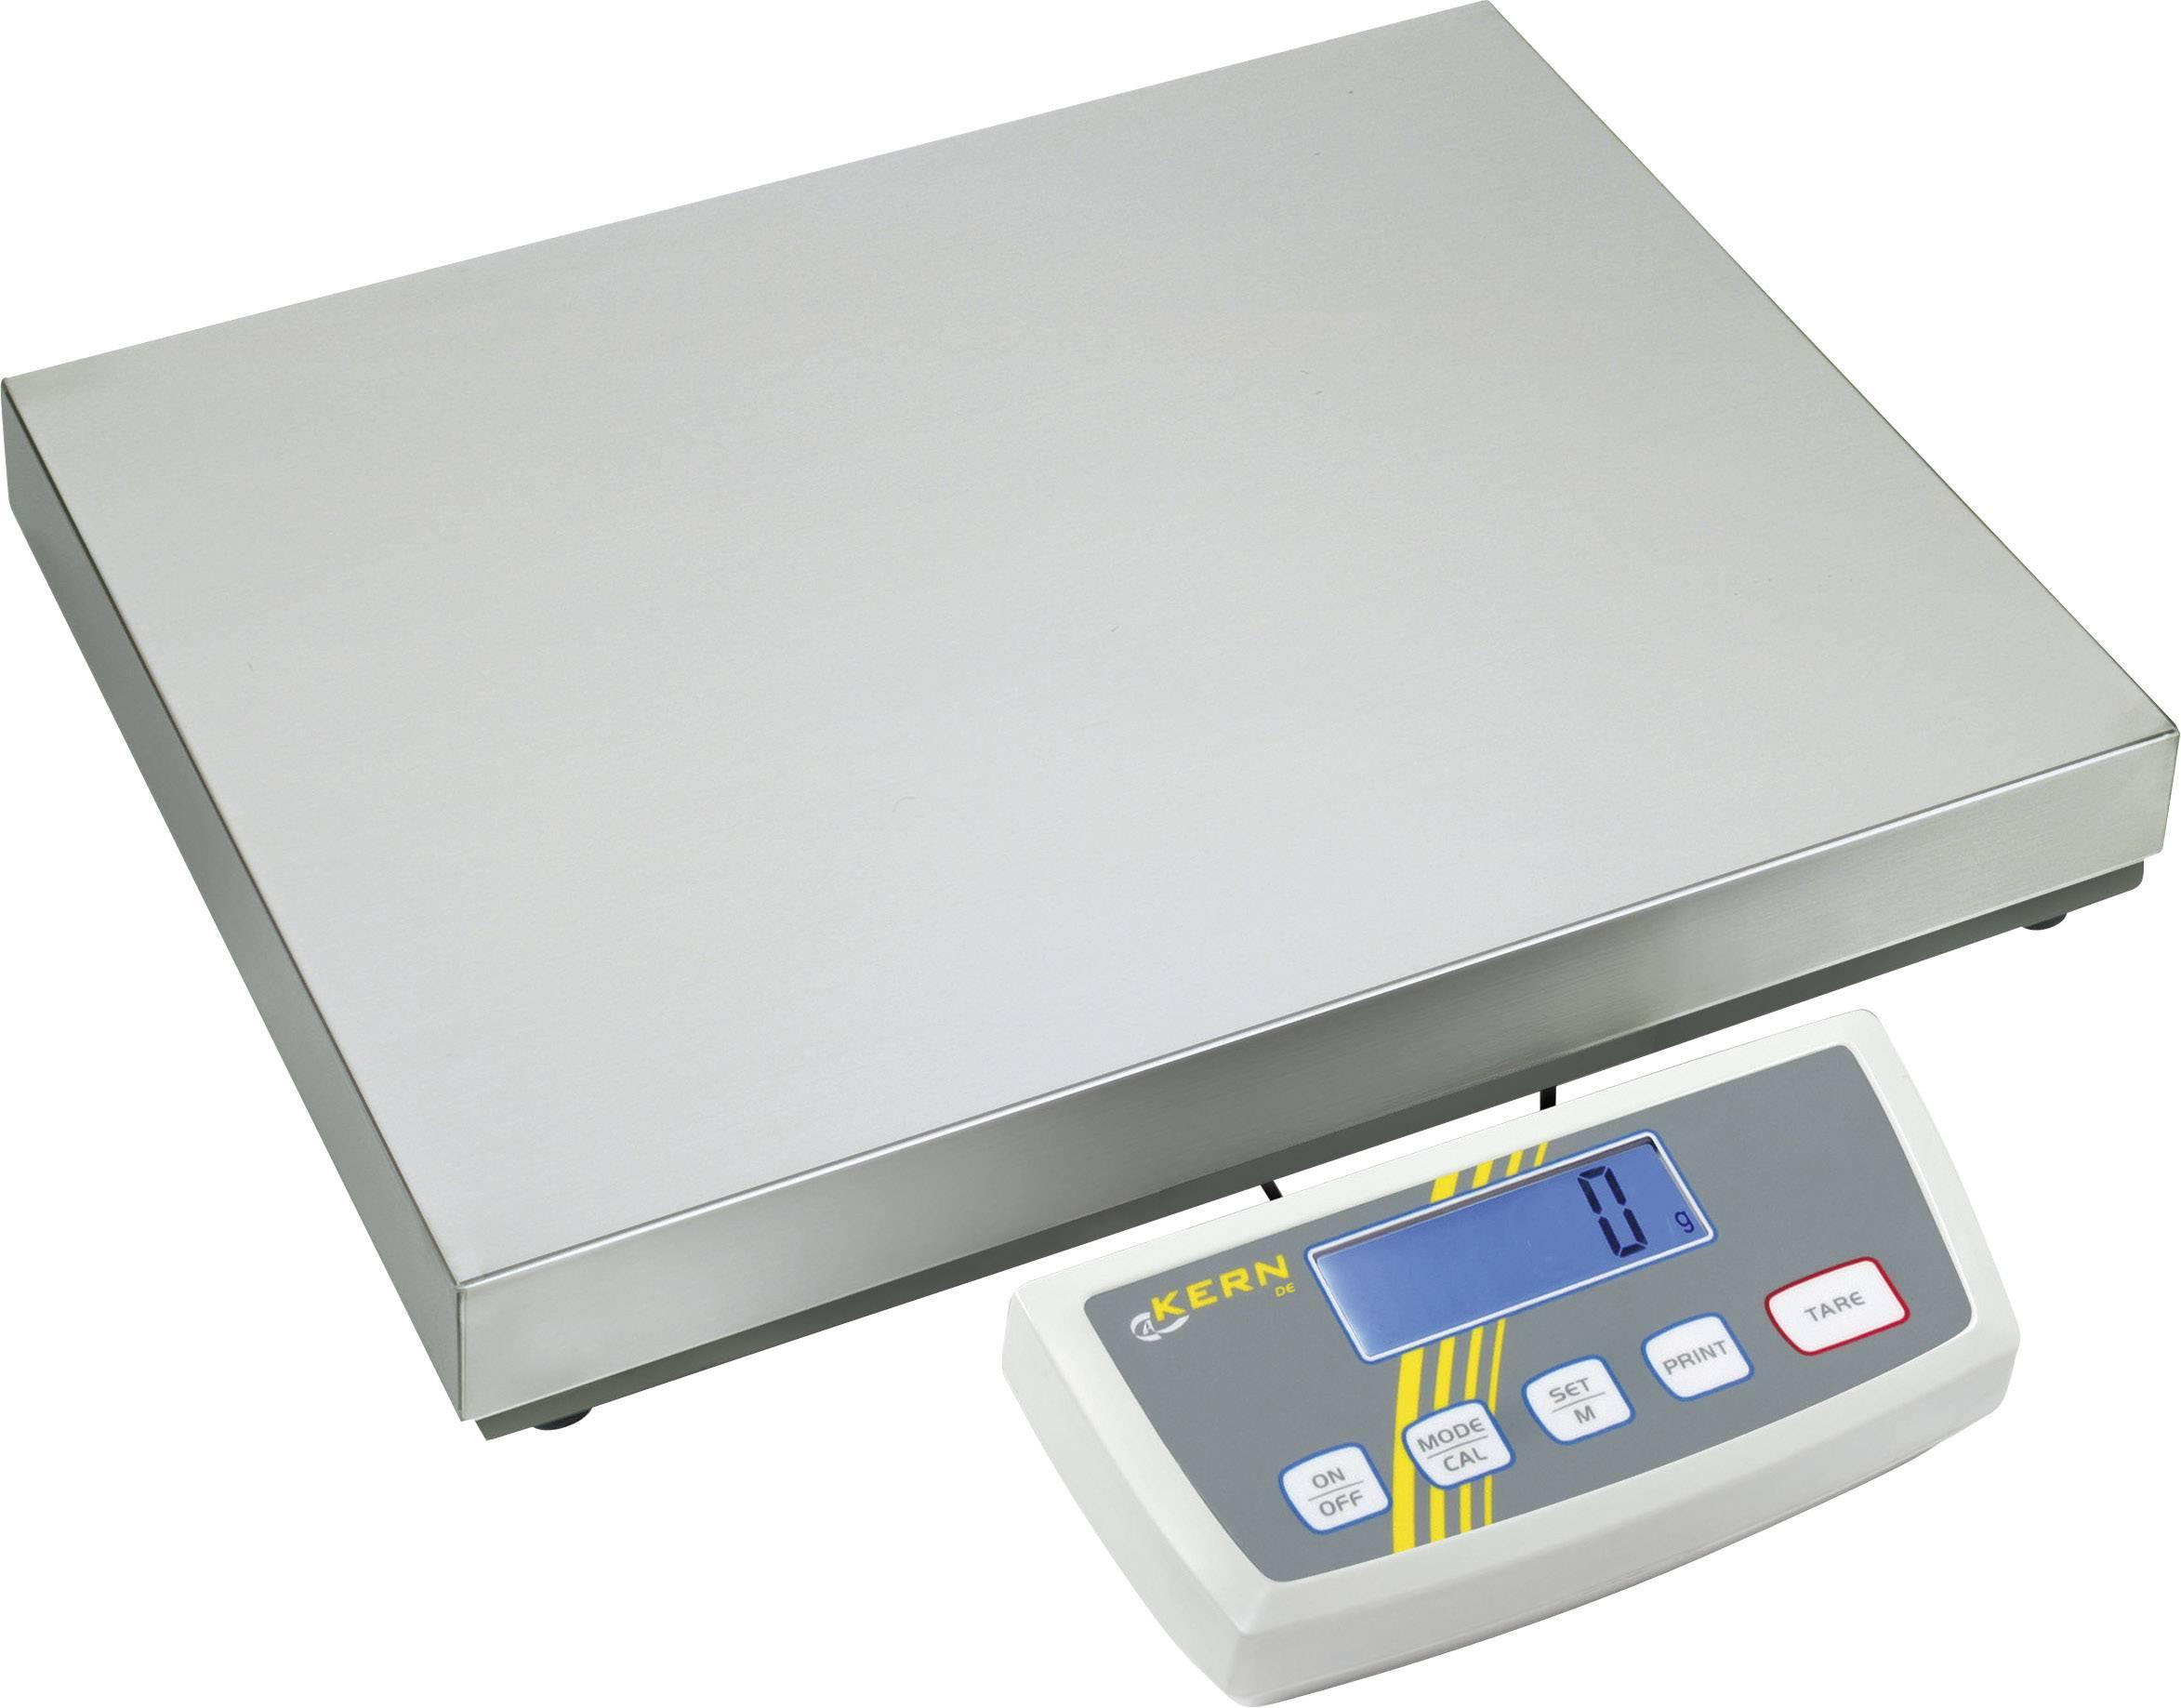 Plošinová váha Kern DE 60K10DL, presnosť 5 g, 10 g, max. váživosť 35 kg